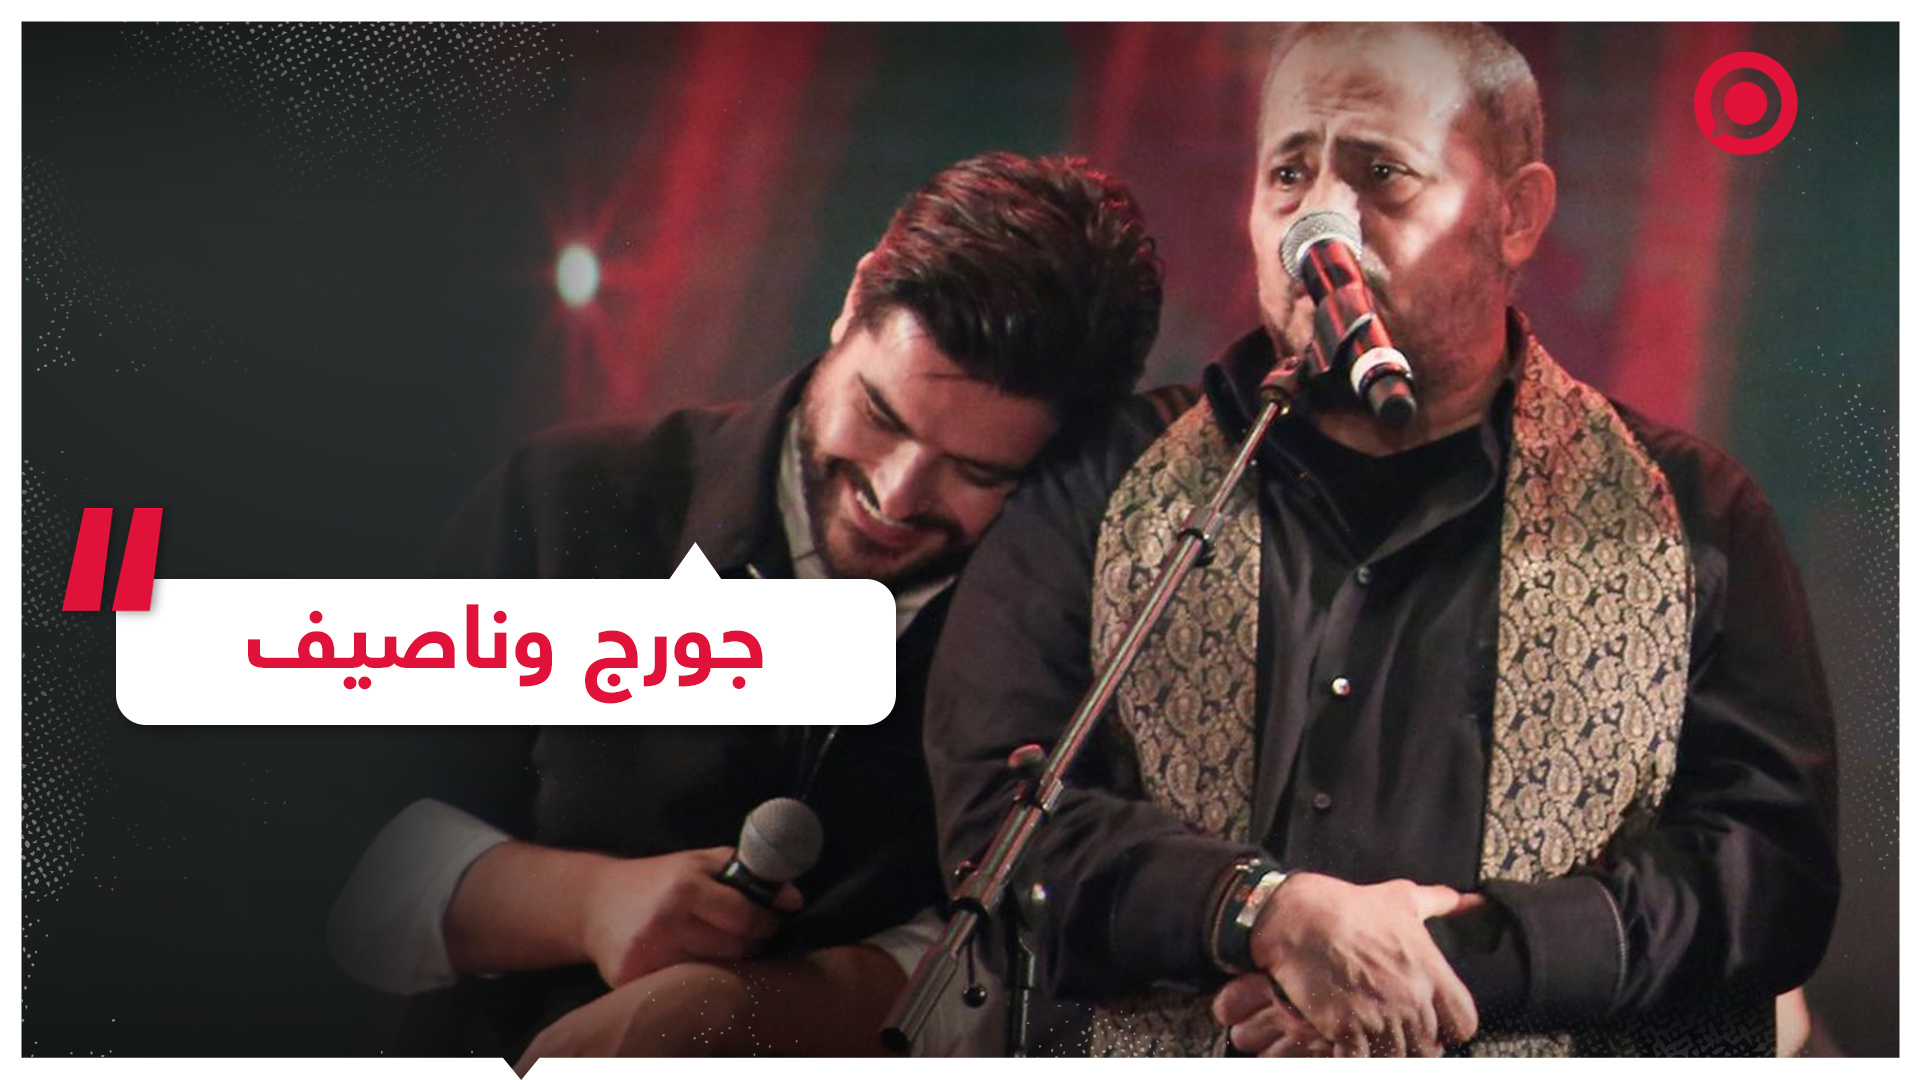 صورة تجمع ناصيف زيتون وجورج وسوف في دمشق